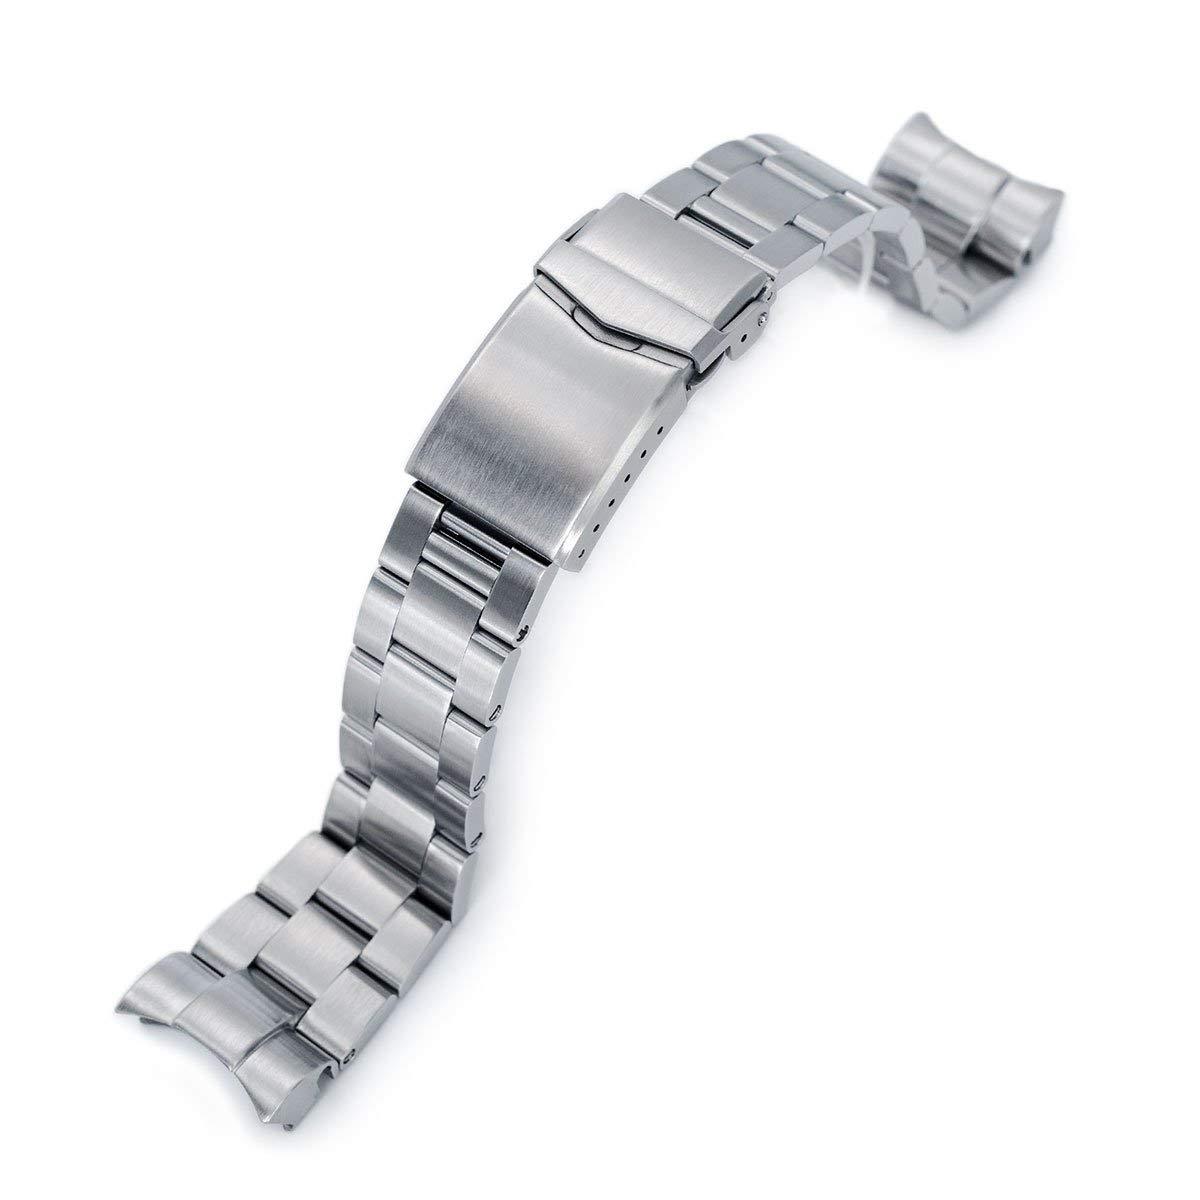 22mm Super 3D Oyster 316L SS Watch Bracelet for Tudor Black Bay, V-Clasp Brushed